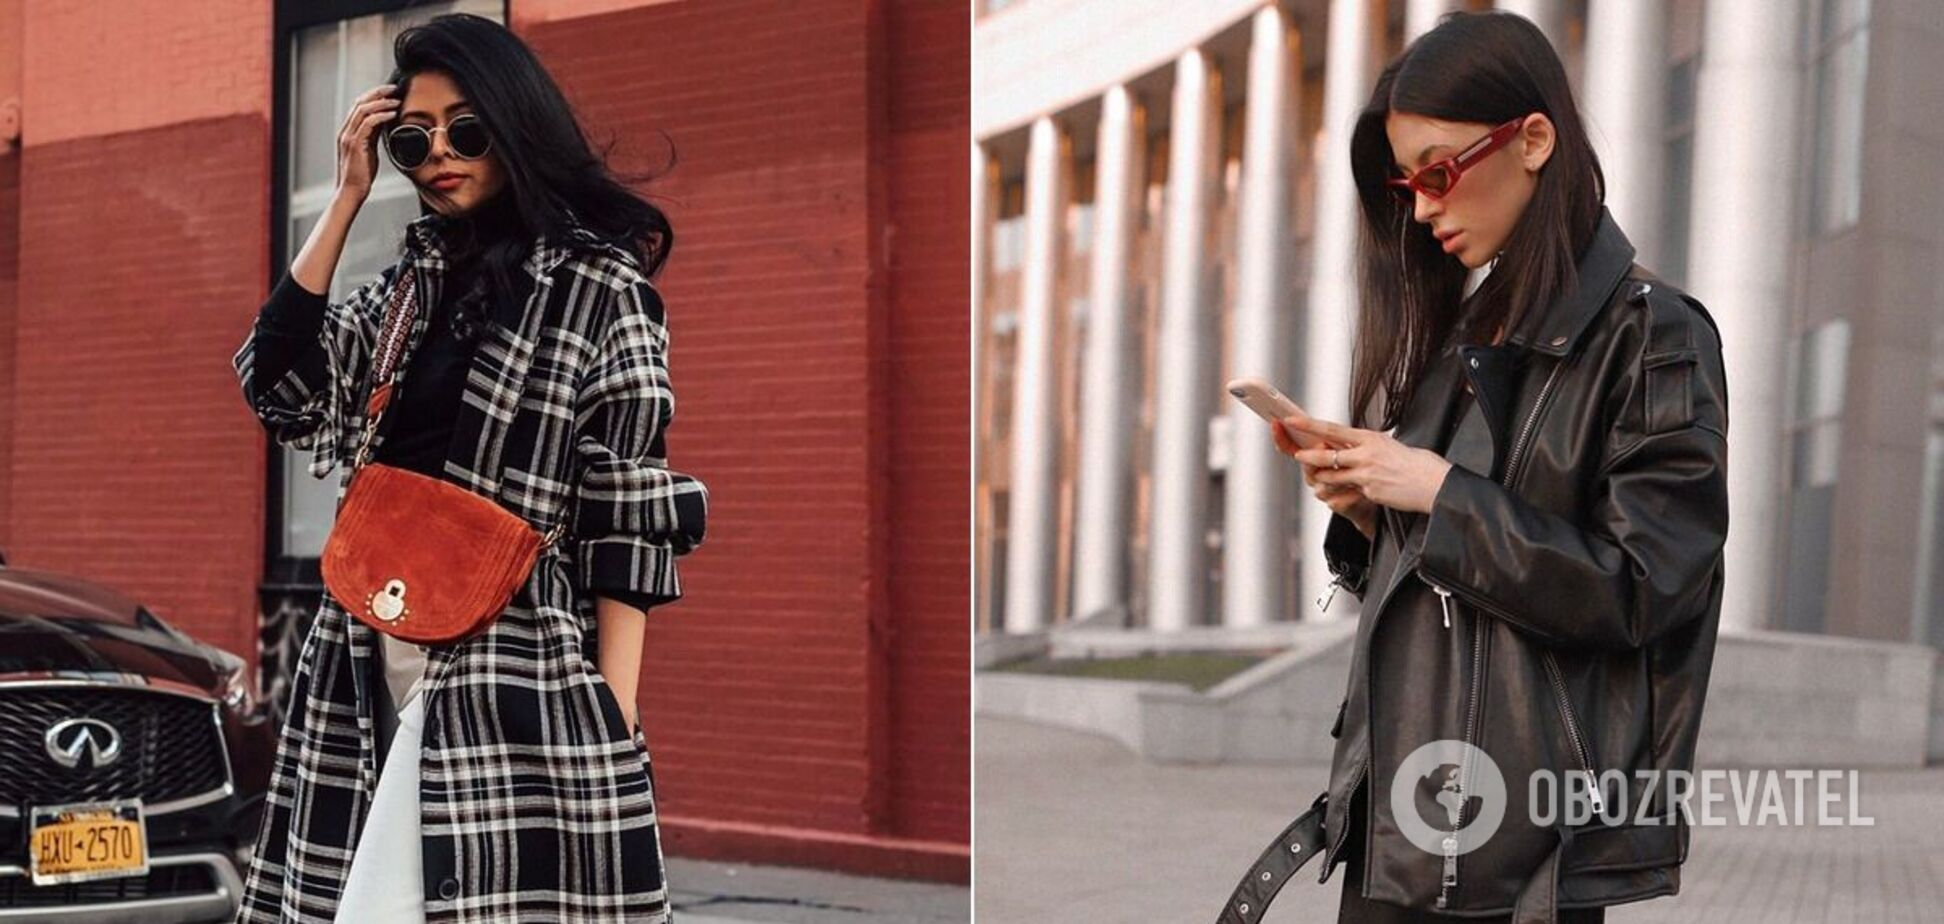 Модная верхняя одежда на осень 2020 года: 6 трендовых вариантов